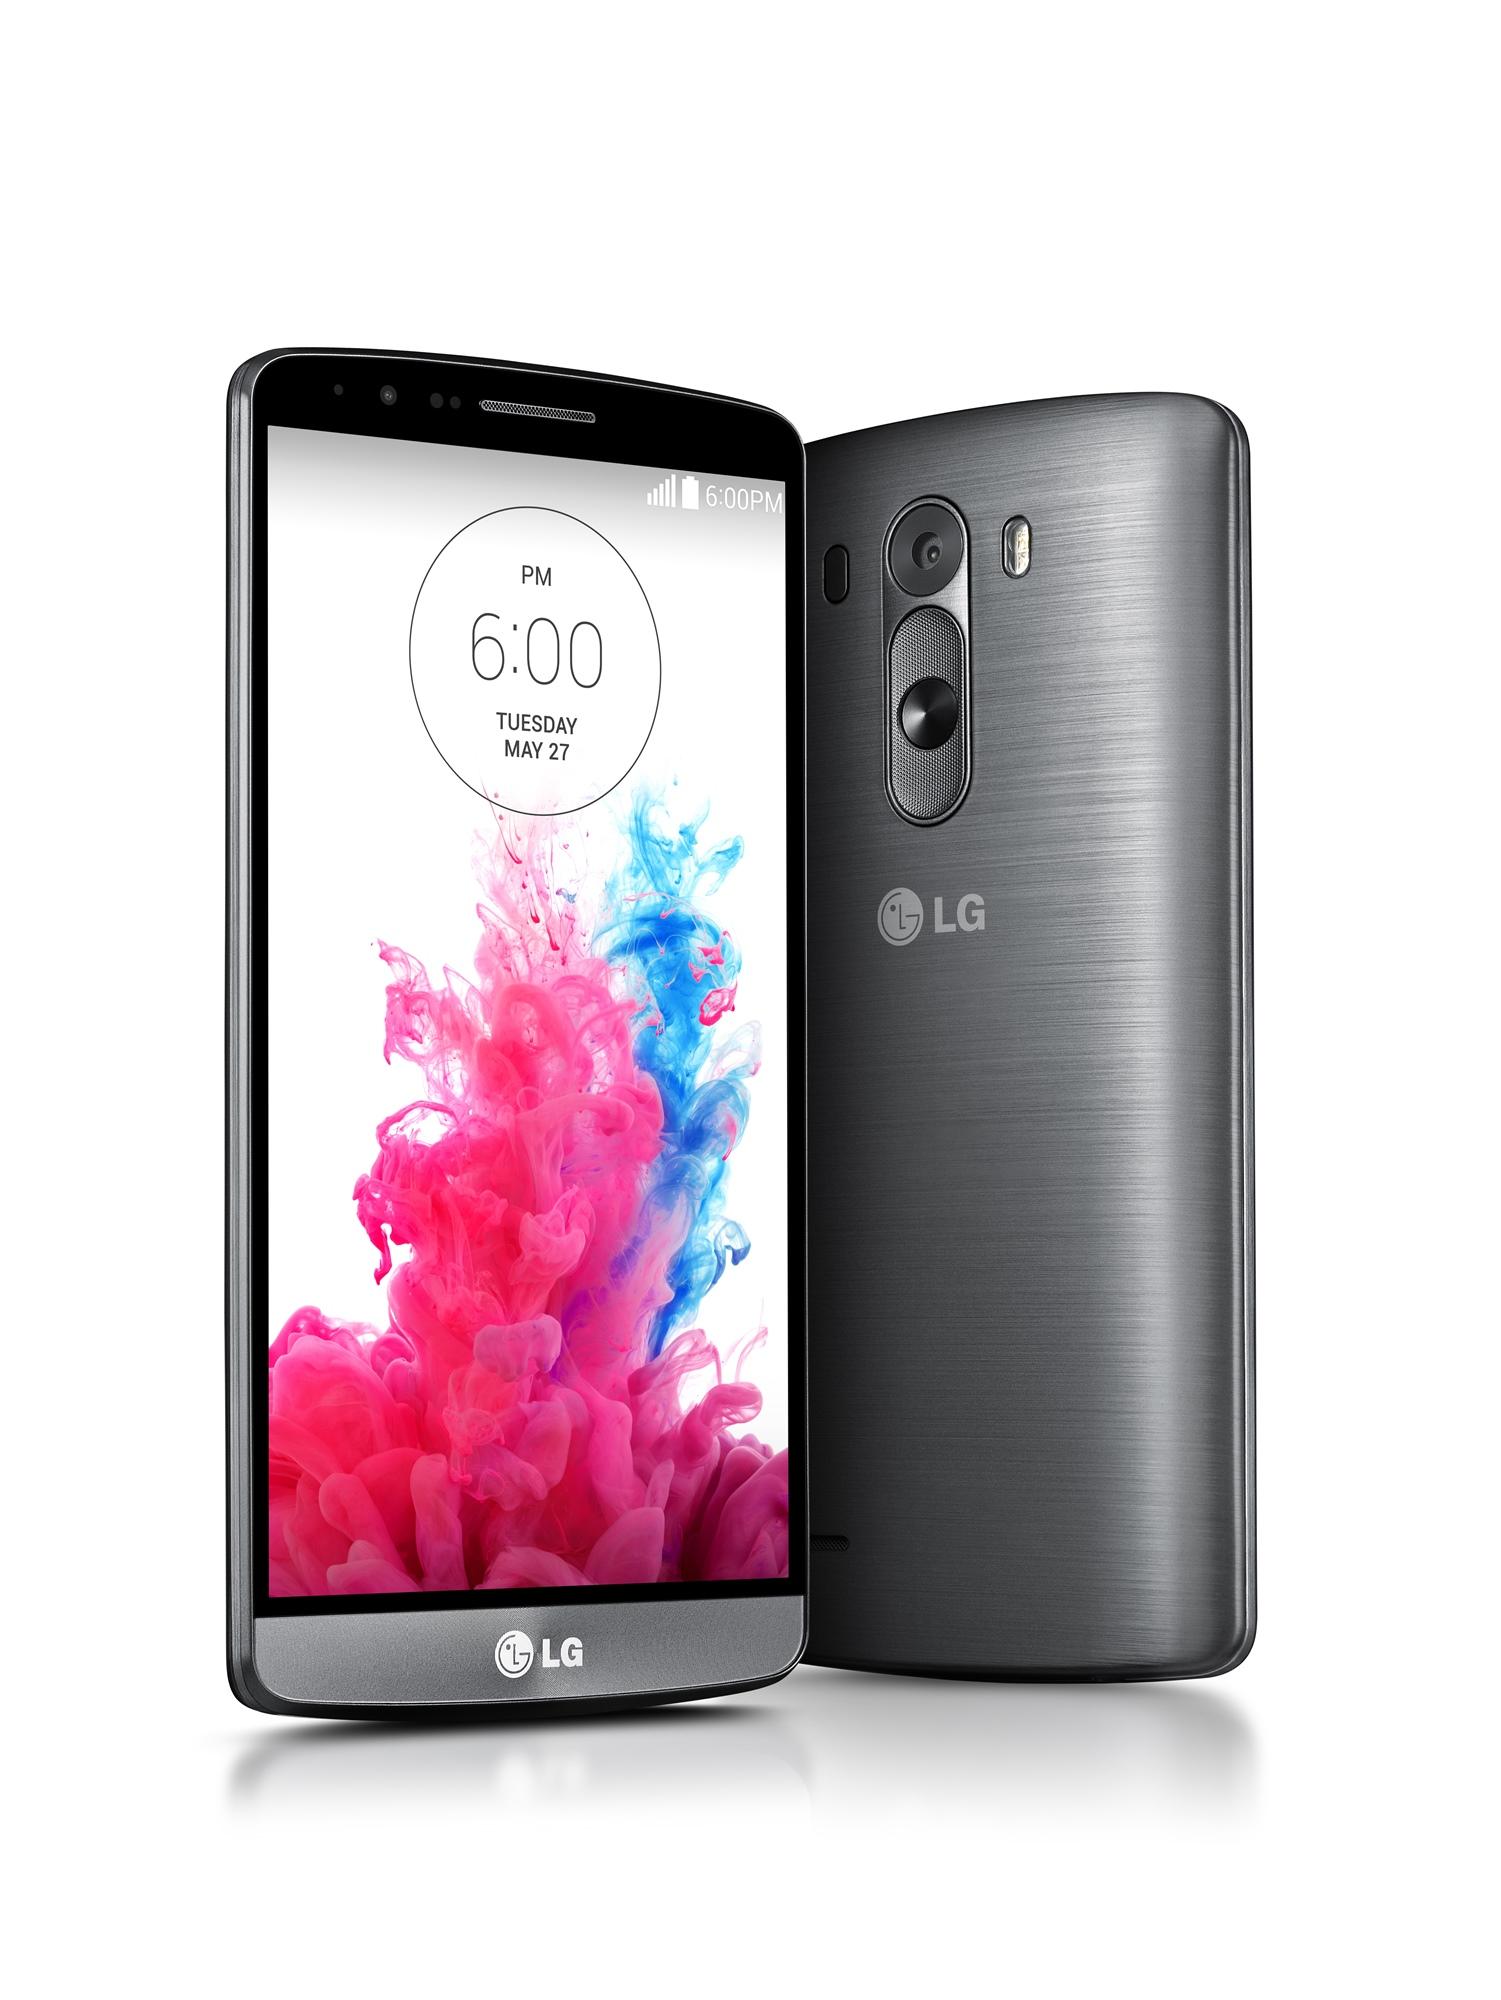 LG-G3-Hersteller.jpg